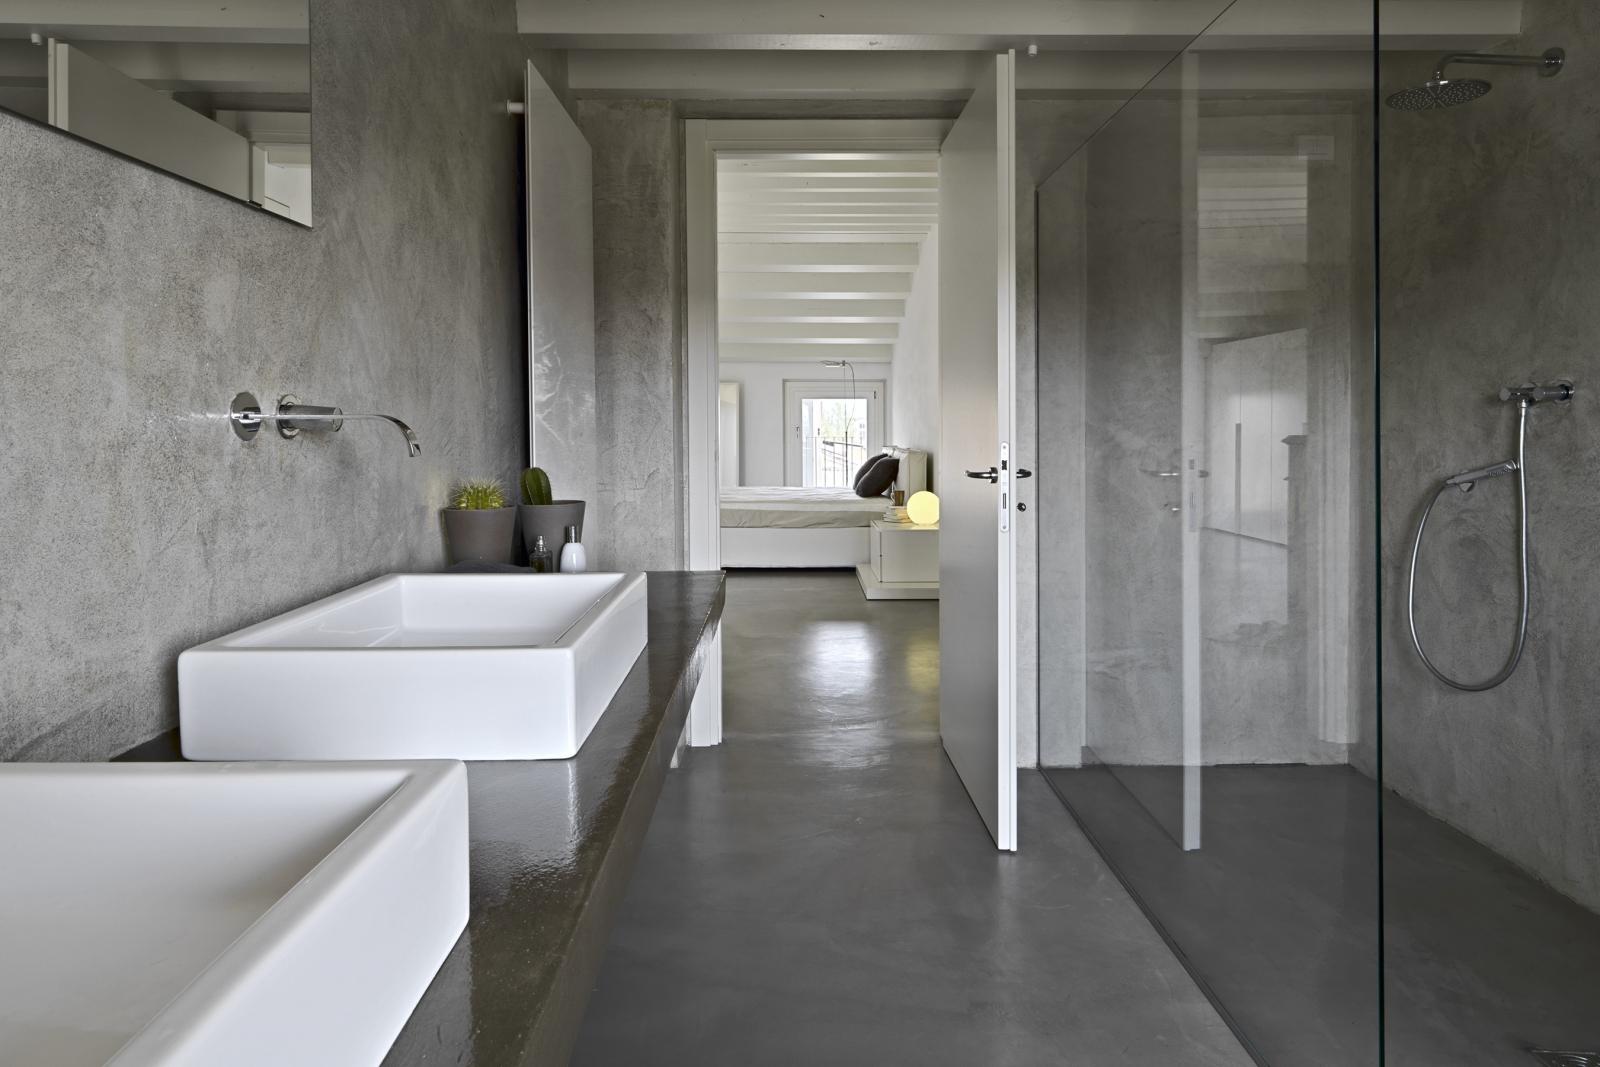 Nieuwbouw Keuken Badkamer : Een gietvloer in de badkamer: Inspiratie en informatie